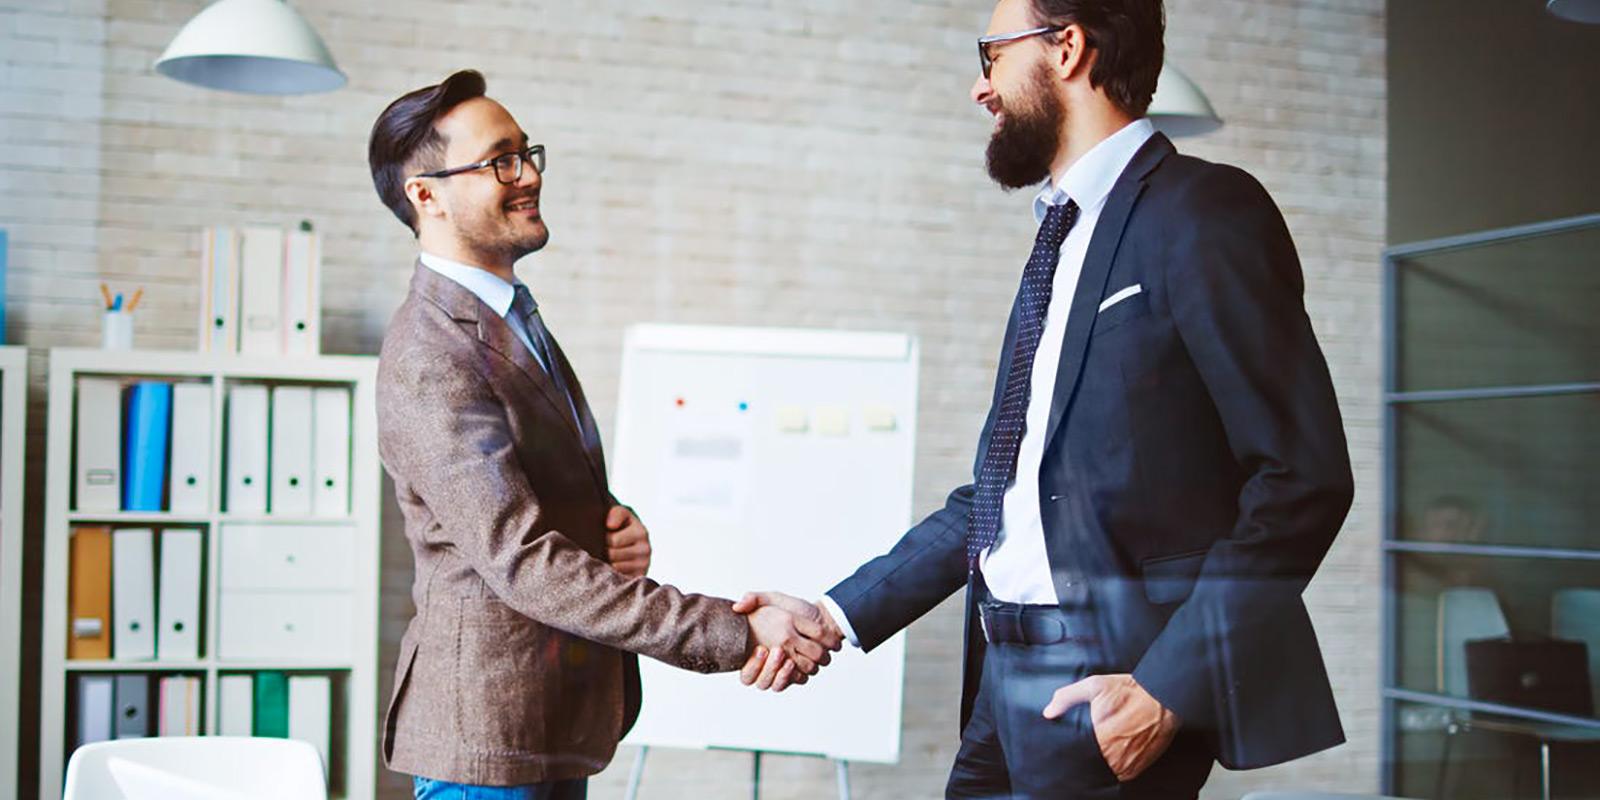 Nastupujete do nové práce? Vše, co potřebujete vědět o zkušební době